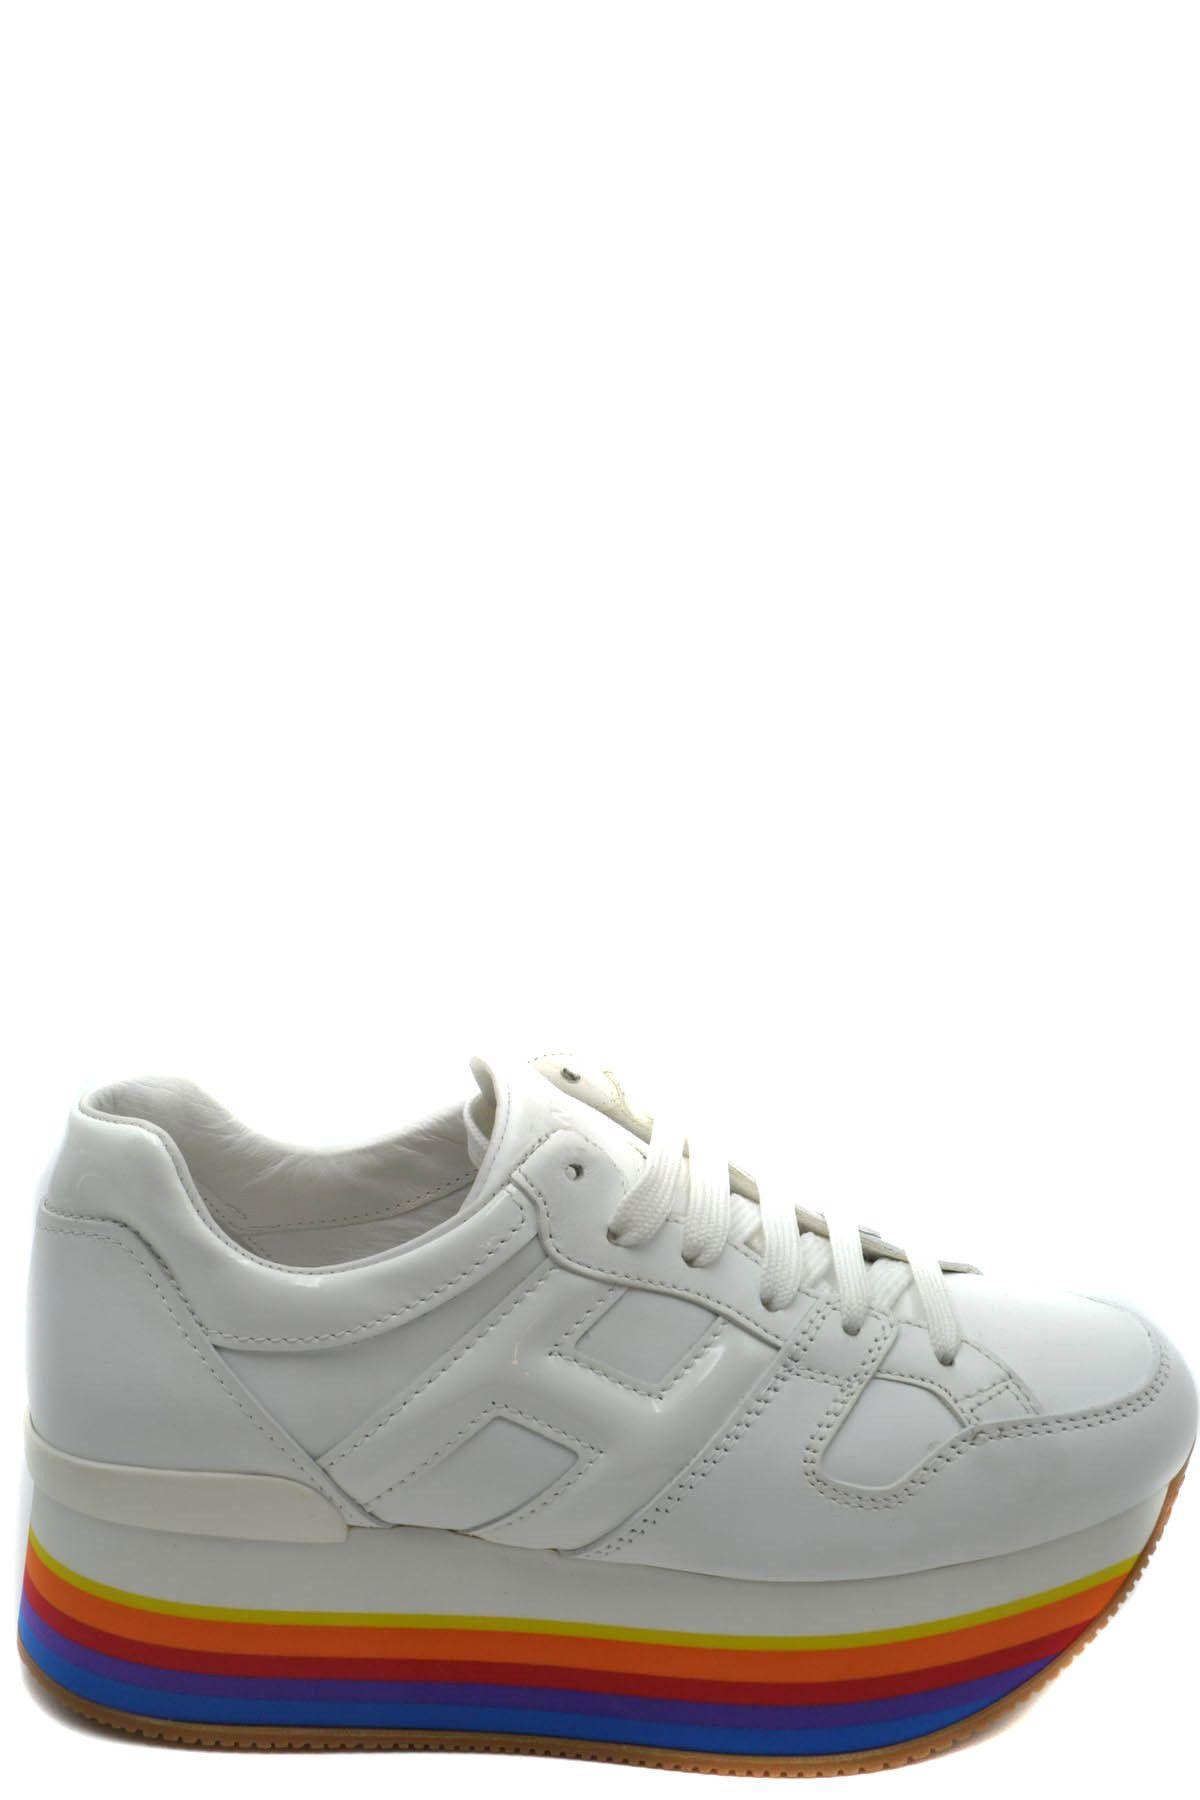 Hogan Women's Sneakers In White